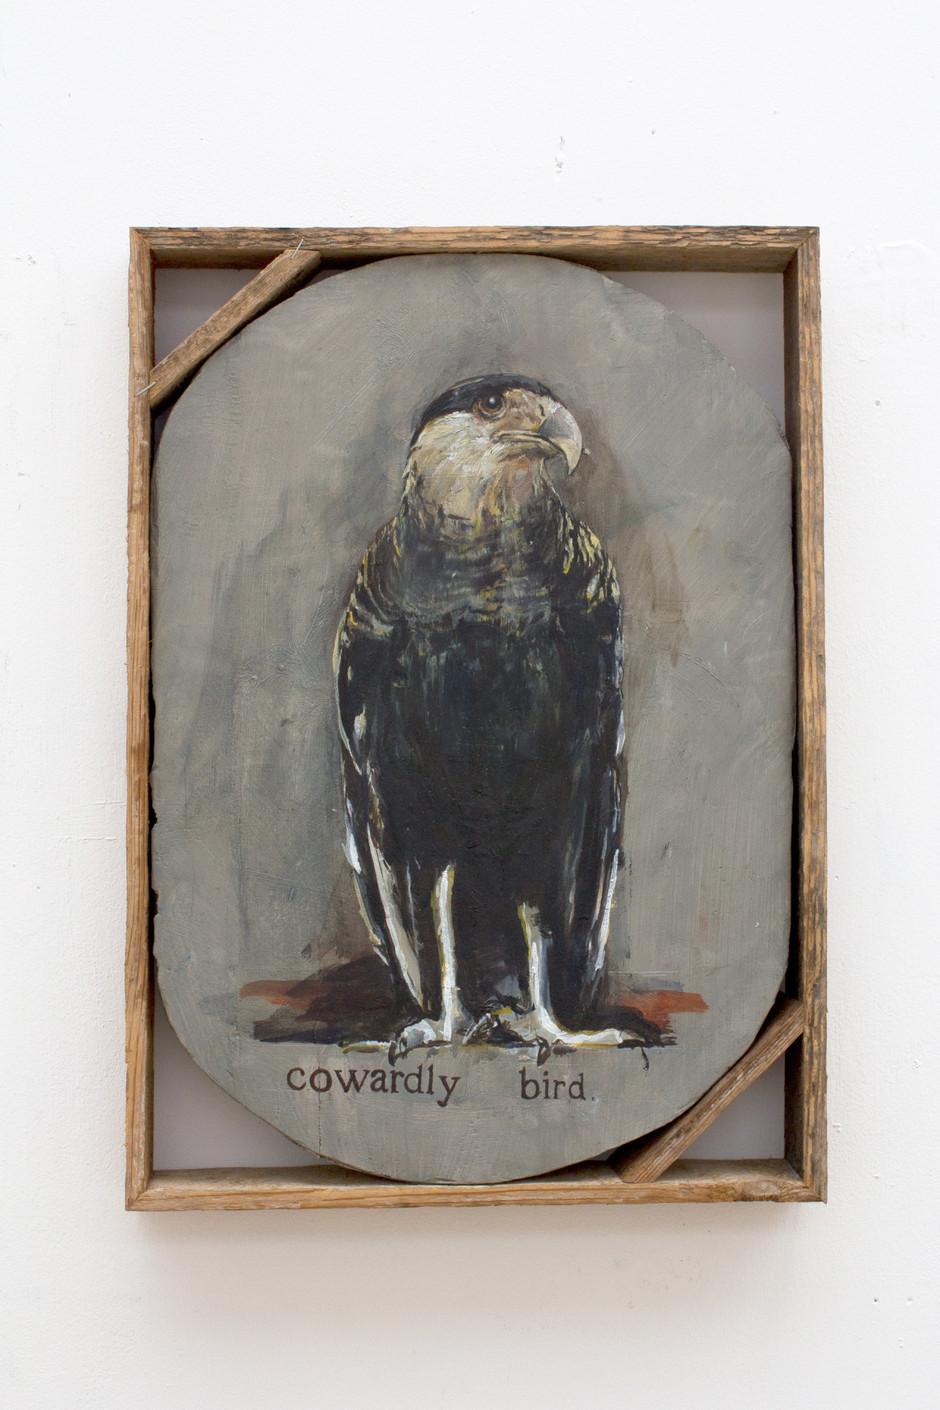 Untitled (Cowardly bird) - Isa De Leener